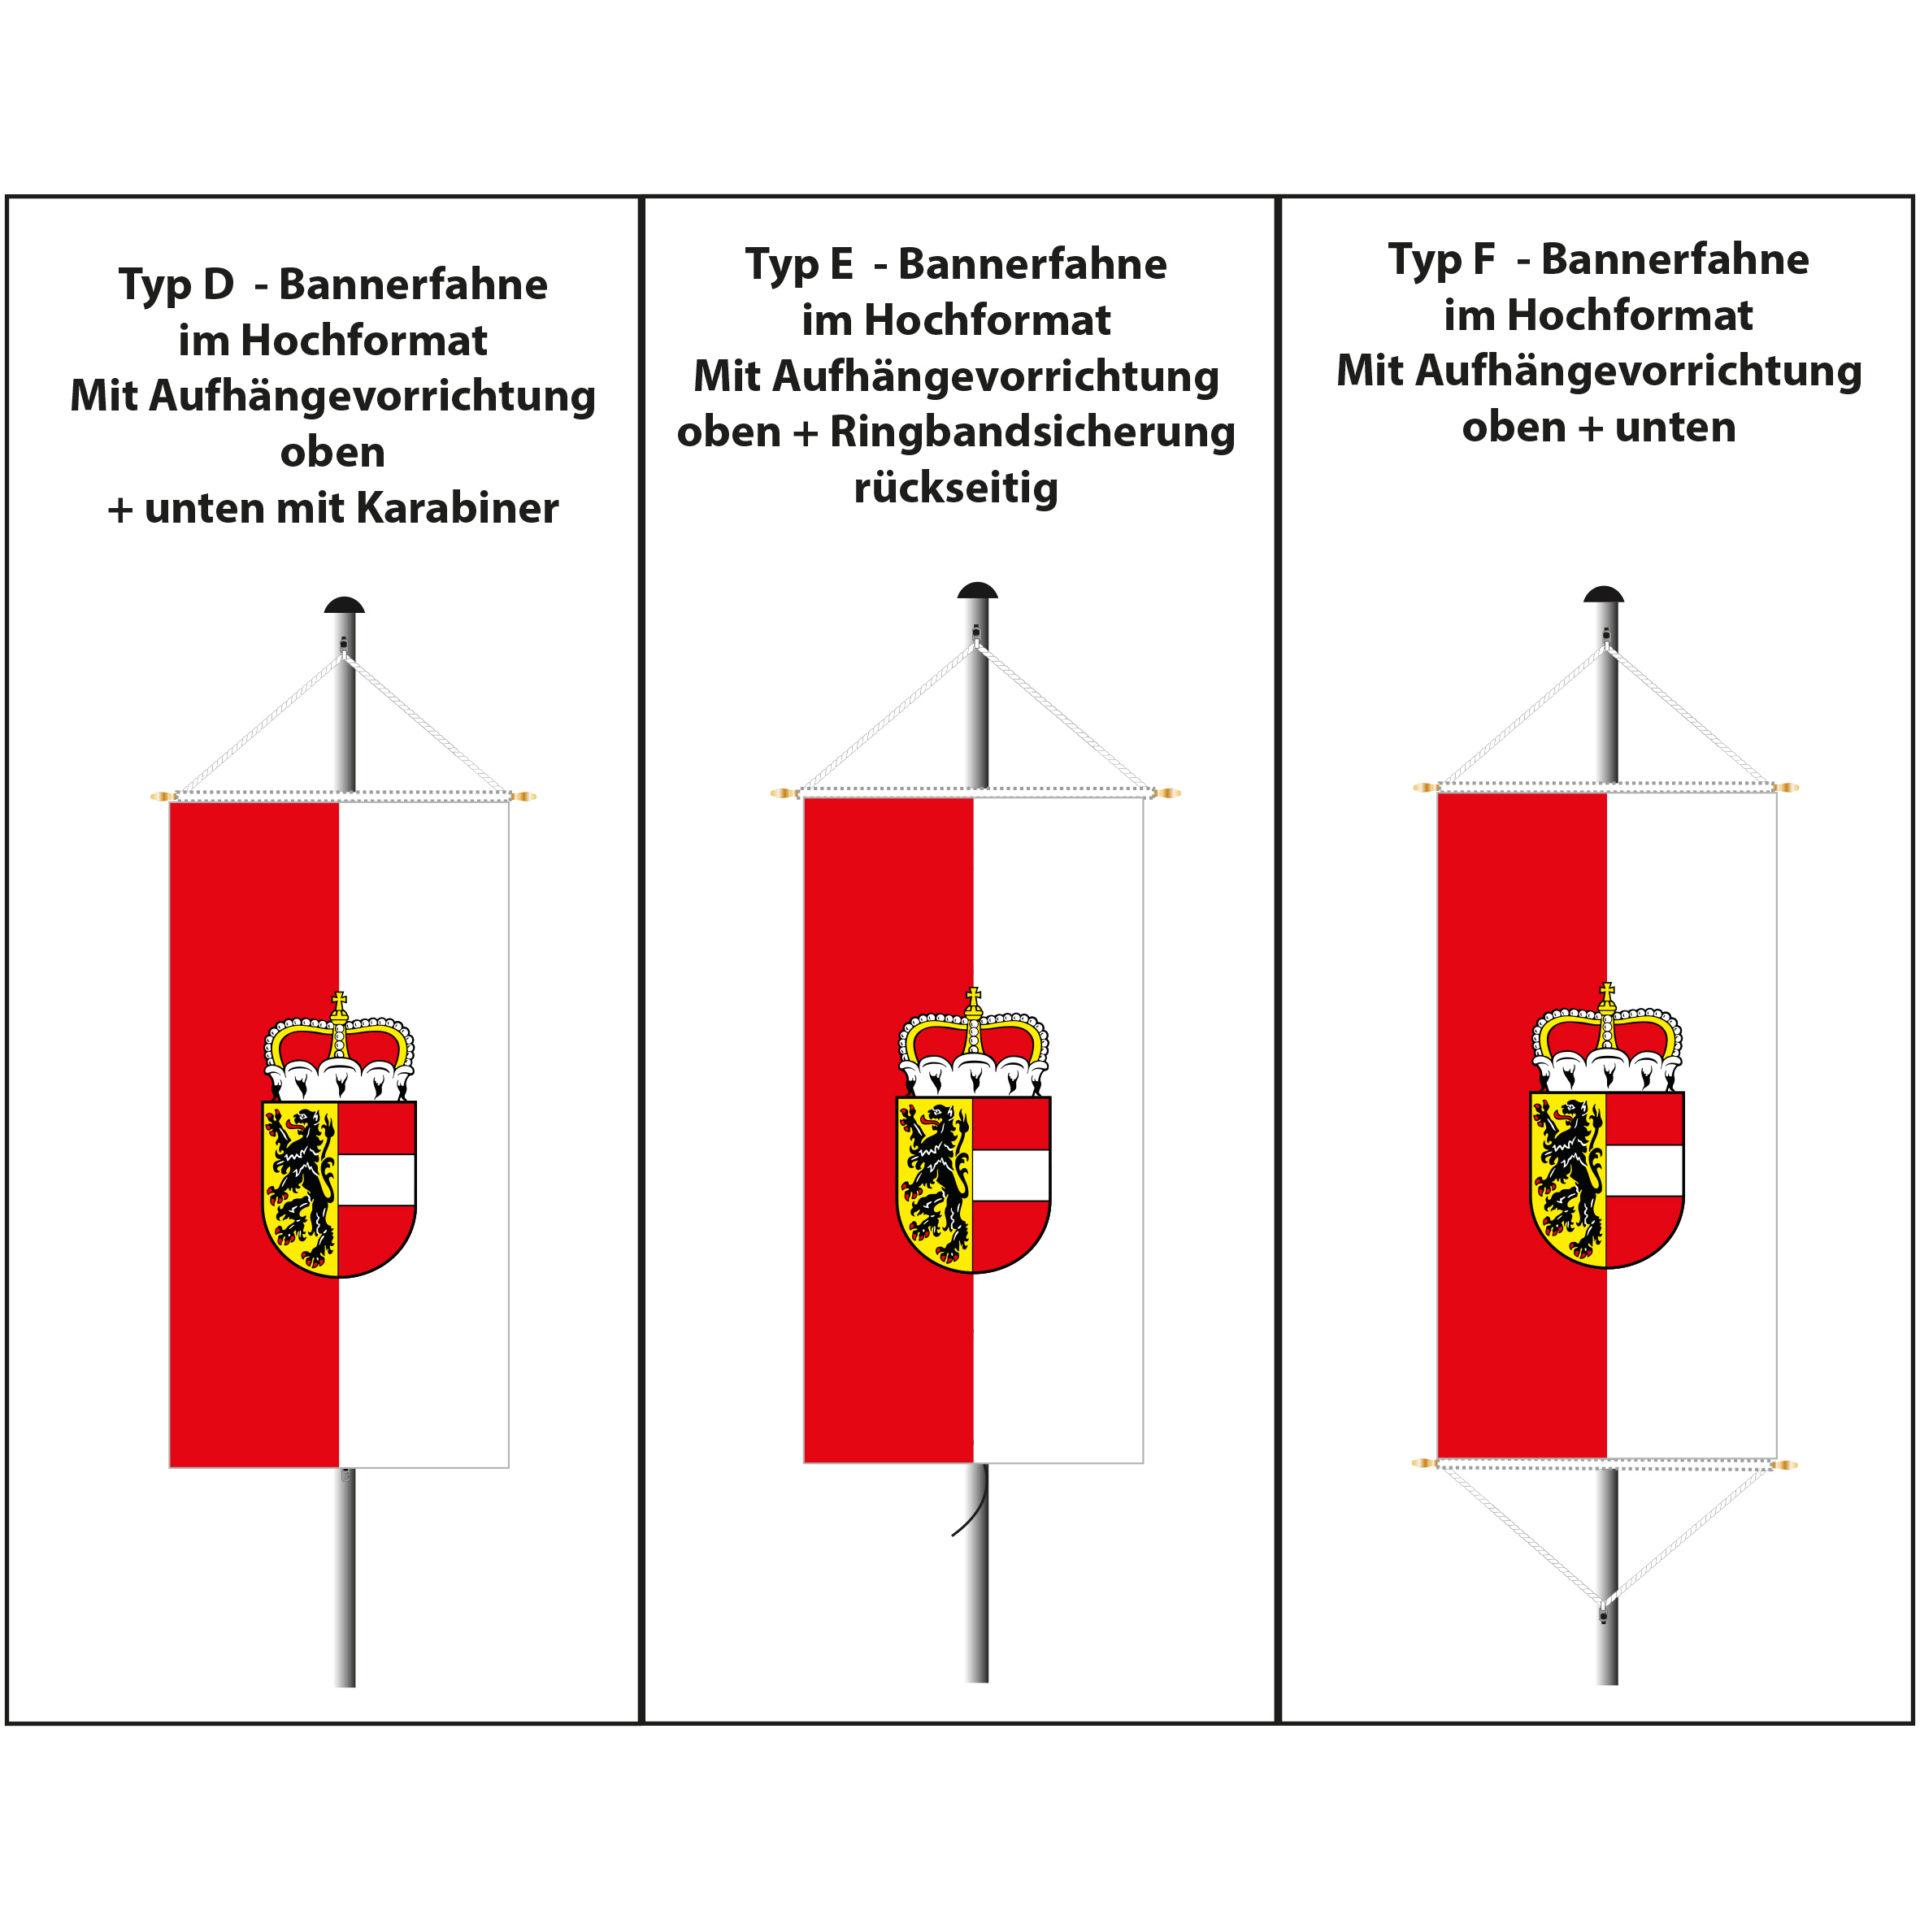 bannerfahnen salzburg triangelfahnen salzburg logodrucke g nstig kaufen im online shop. Black Bedroom Furniture Sets. Home Design Ideas